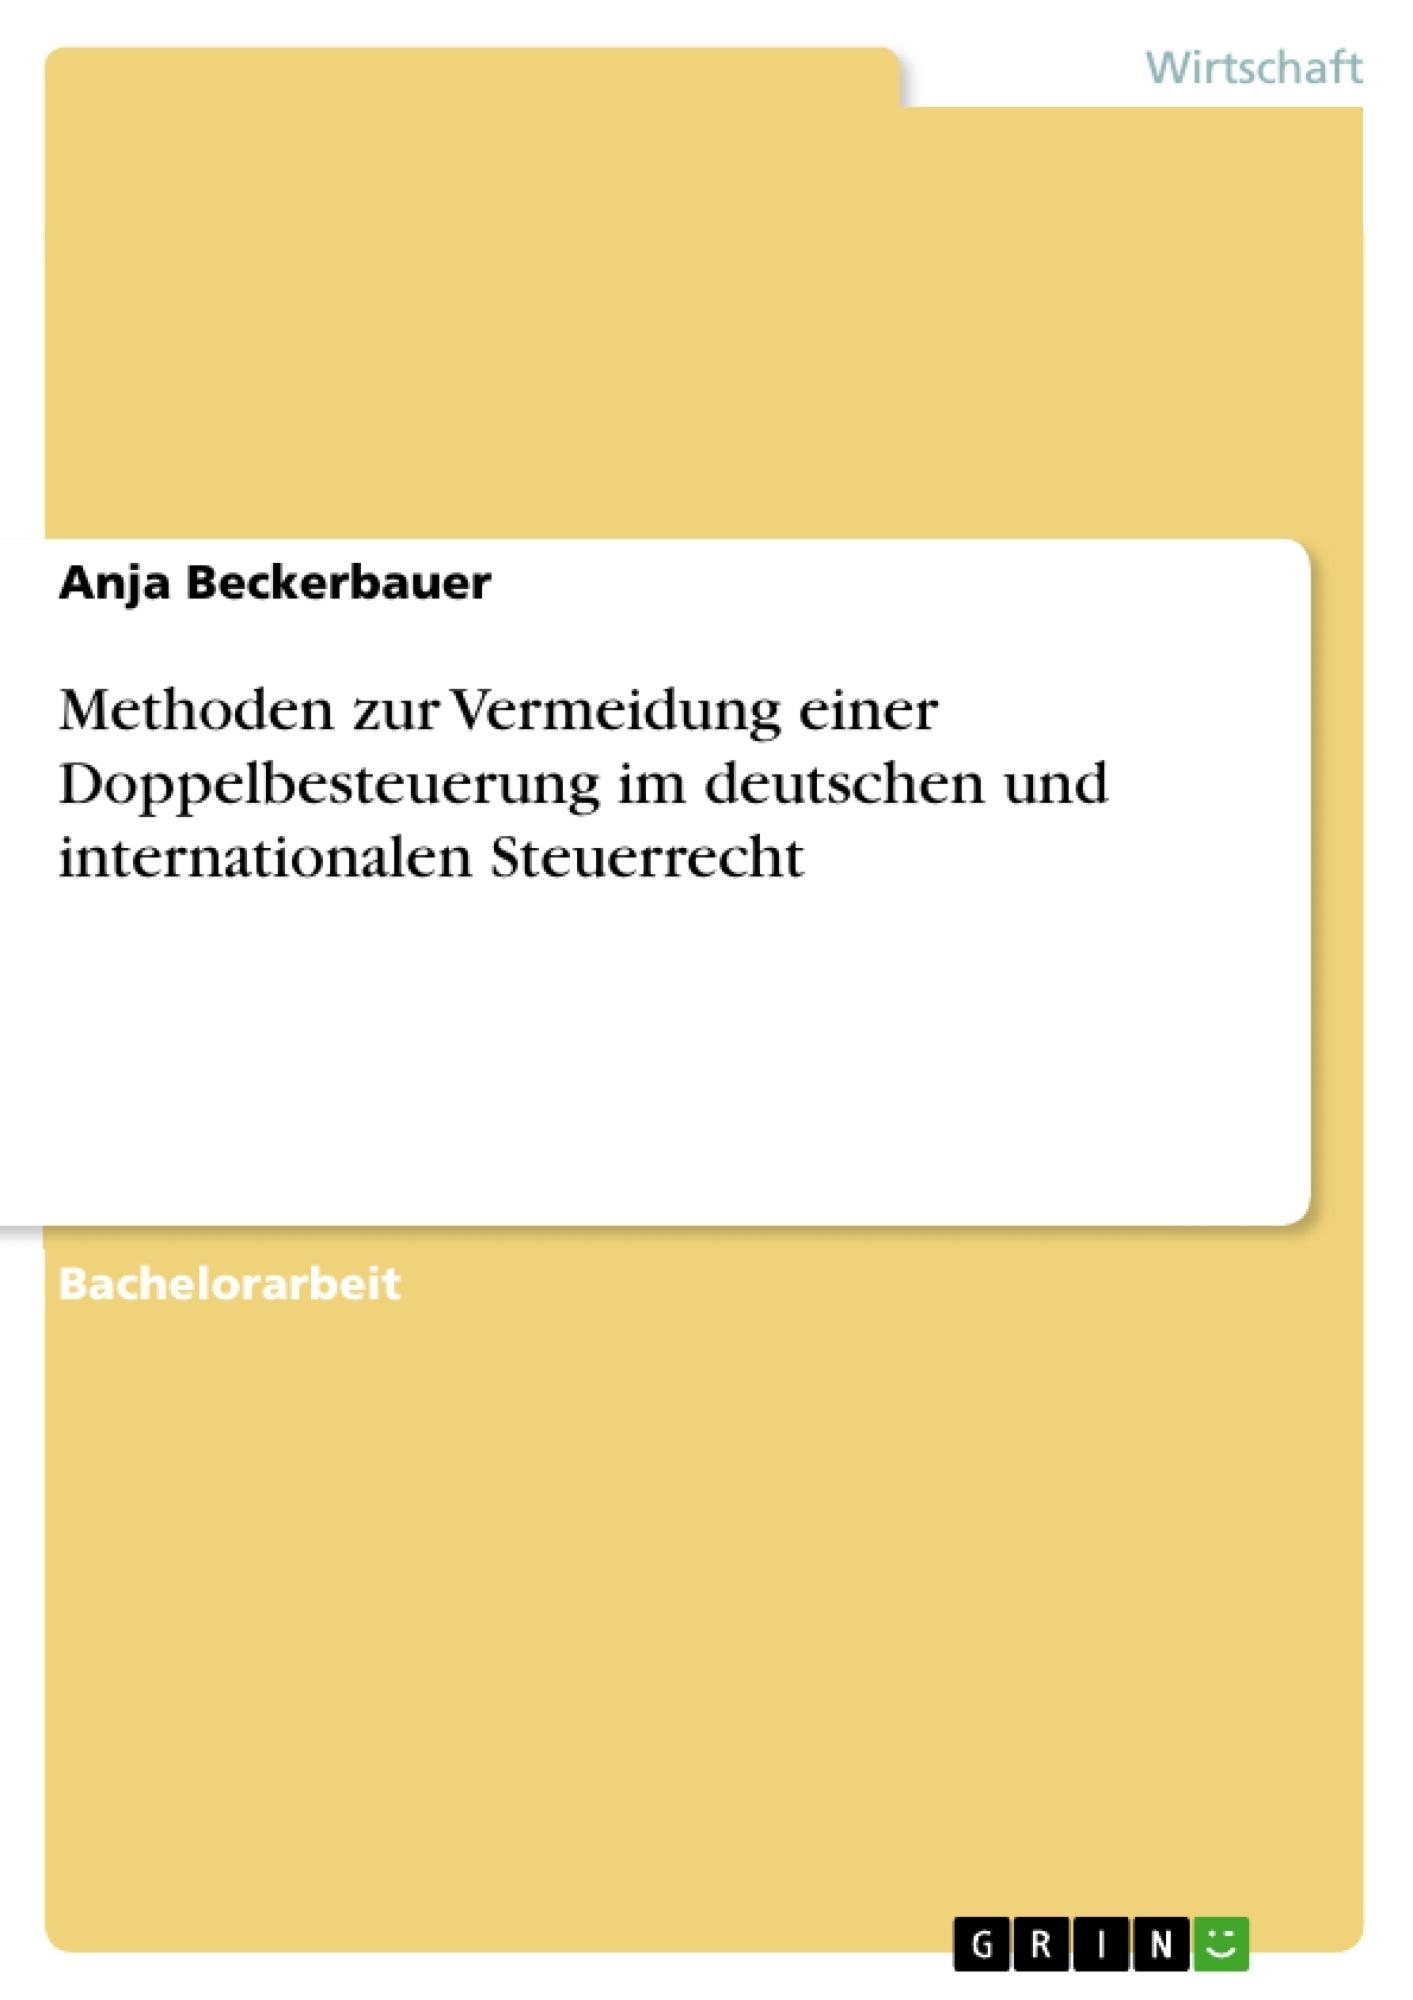 Titel: Methoden zur Vermeidung einer Doppelbesteuerung im deutschen und internationalen Steuerrecht